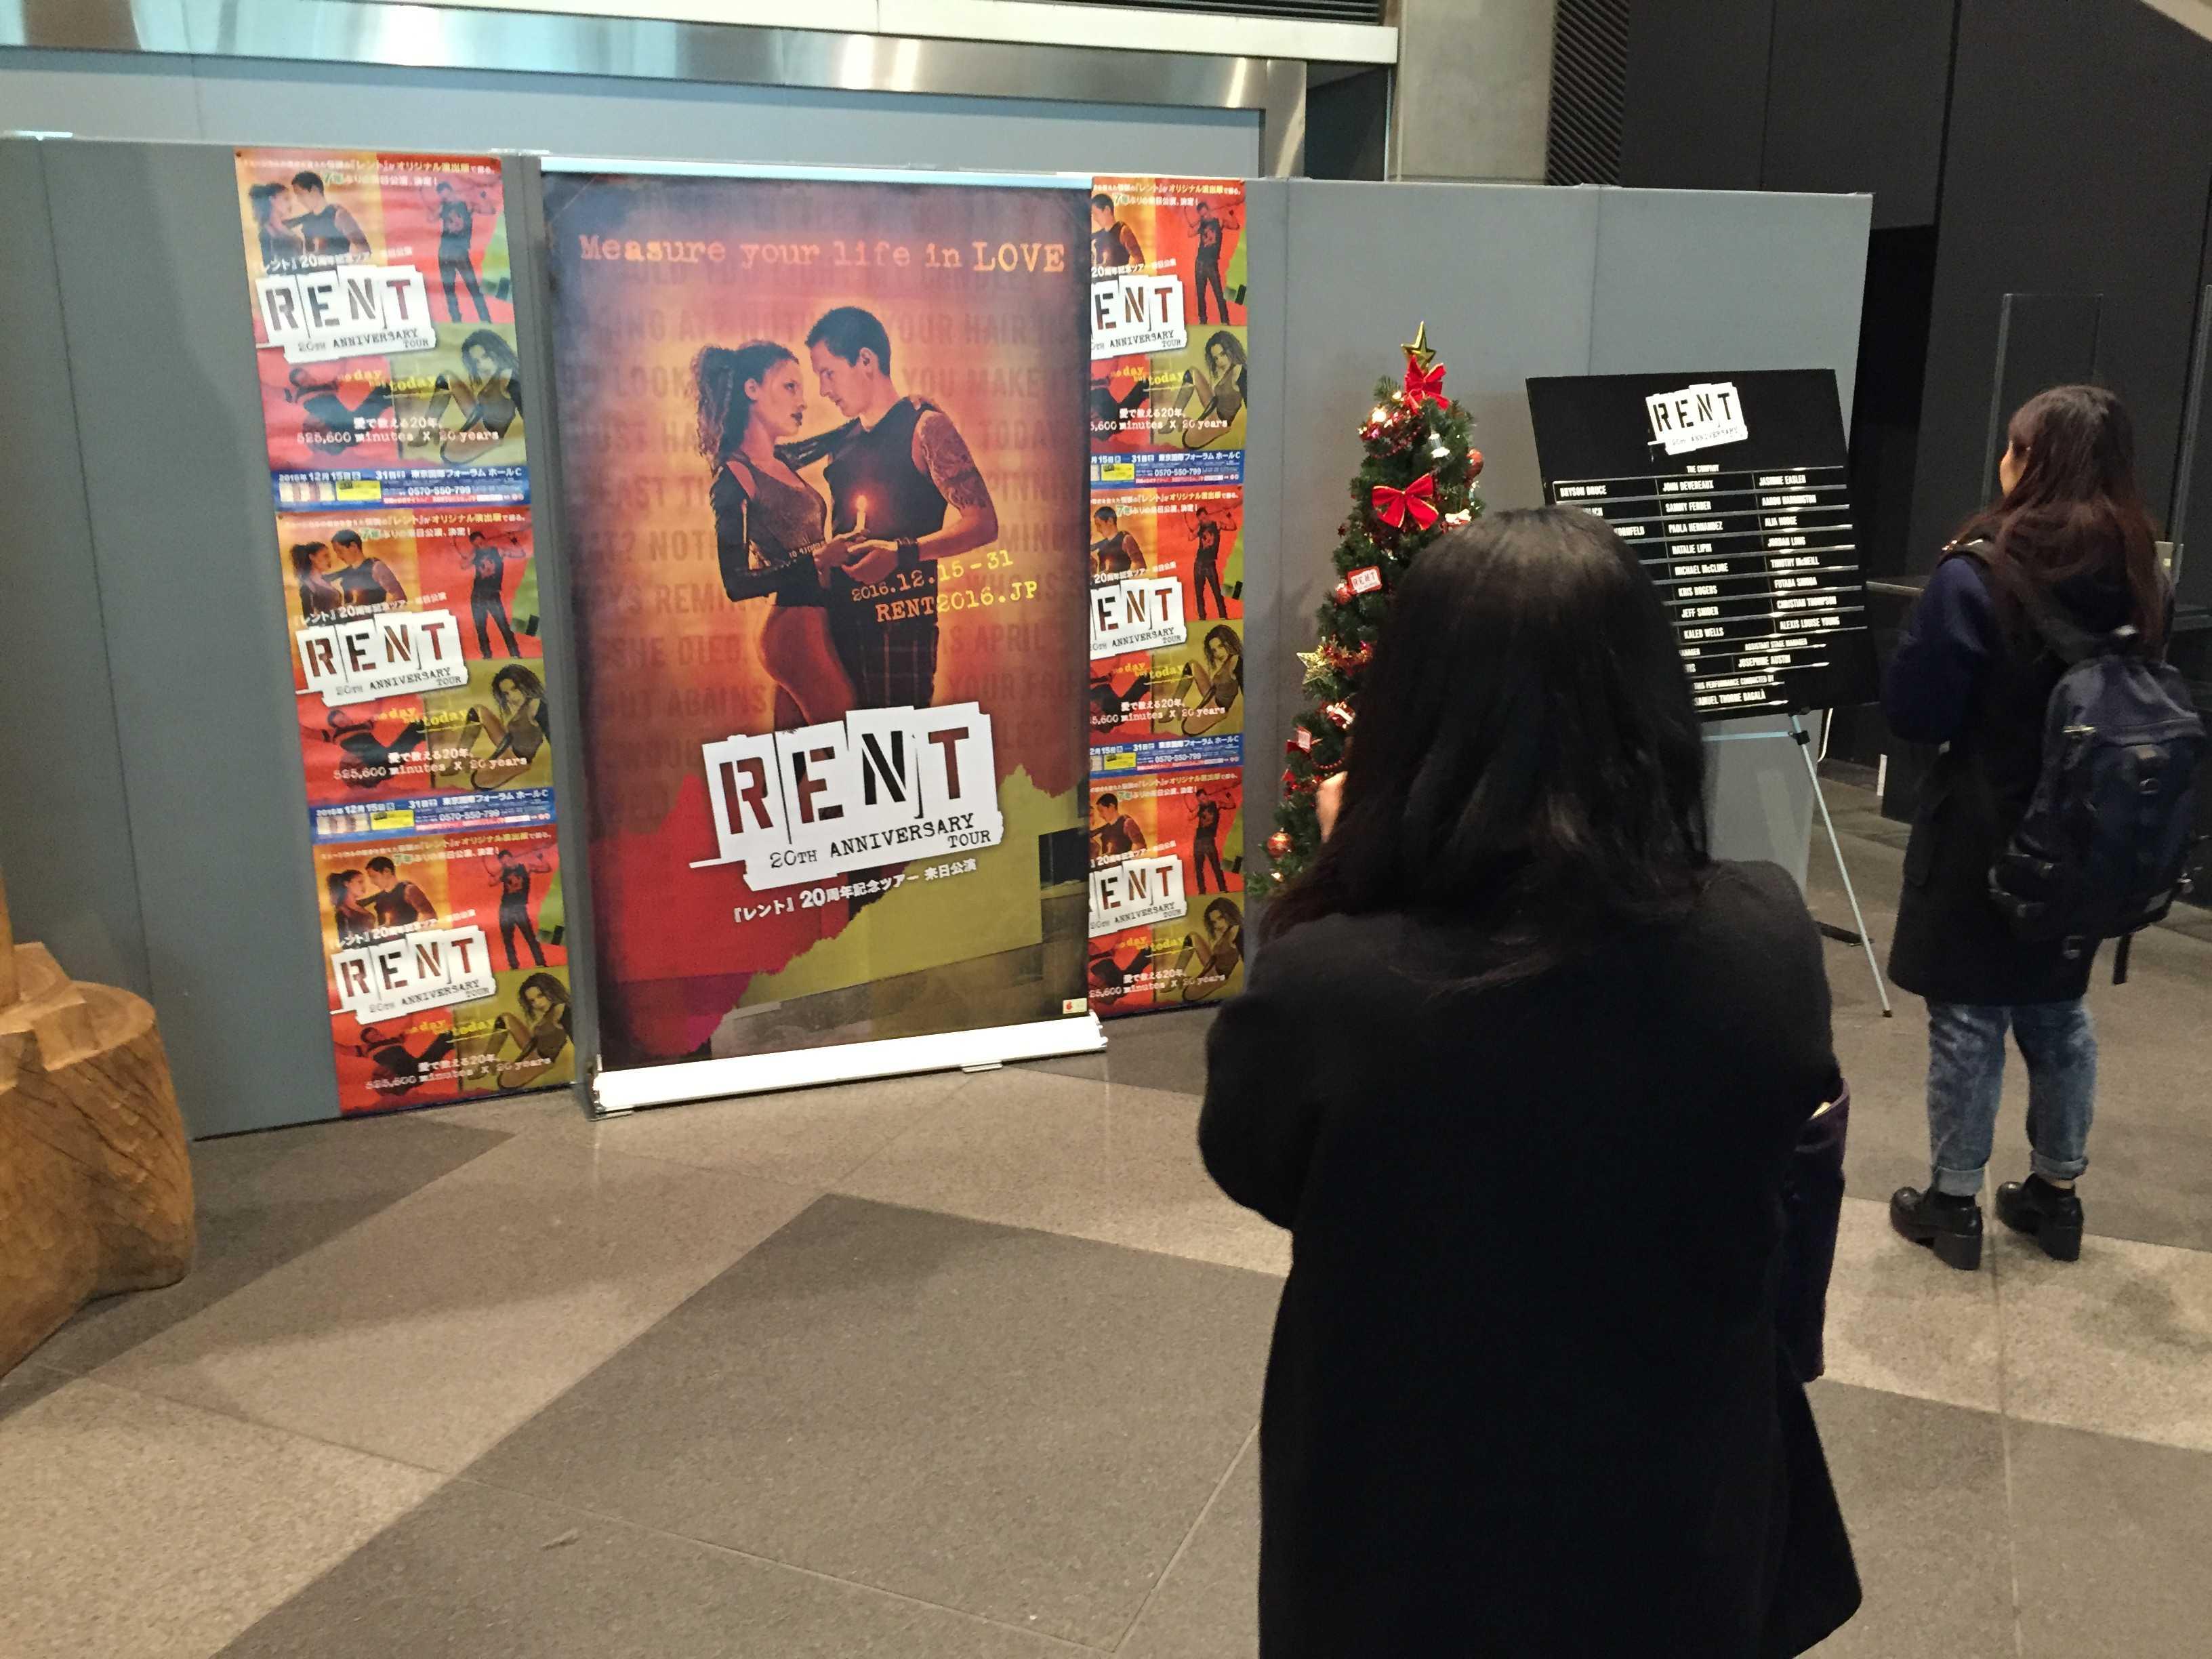 RENT(レント)の撮影スポット